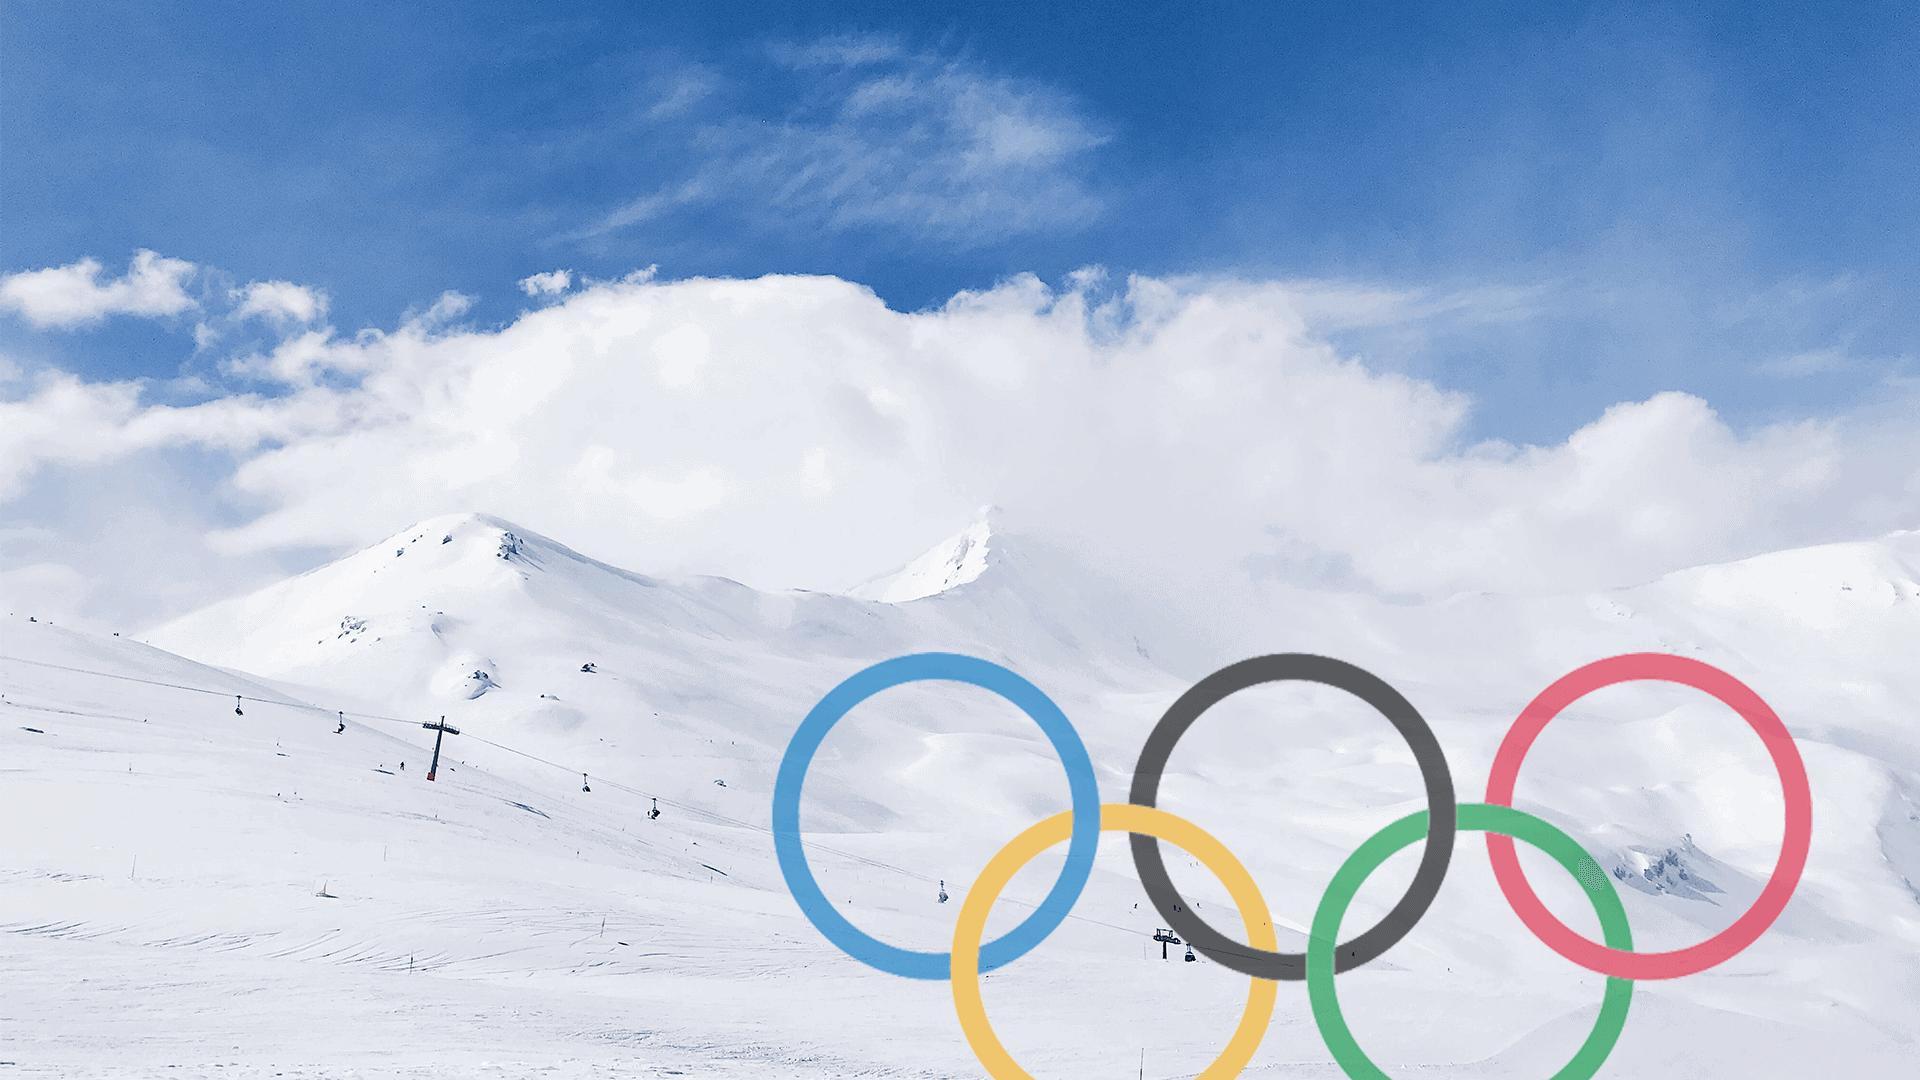 simboli olimpici a Livigno per olimpiadi 2026